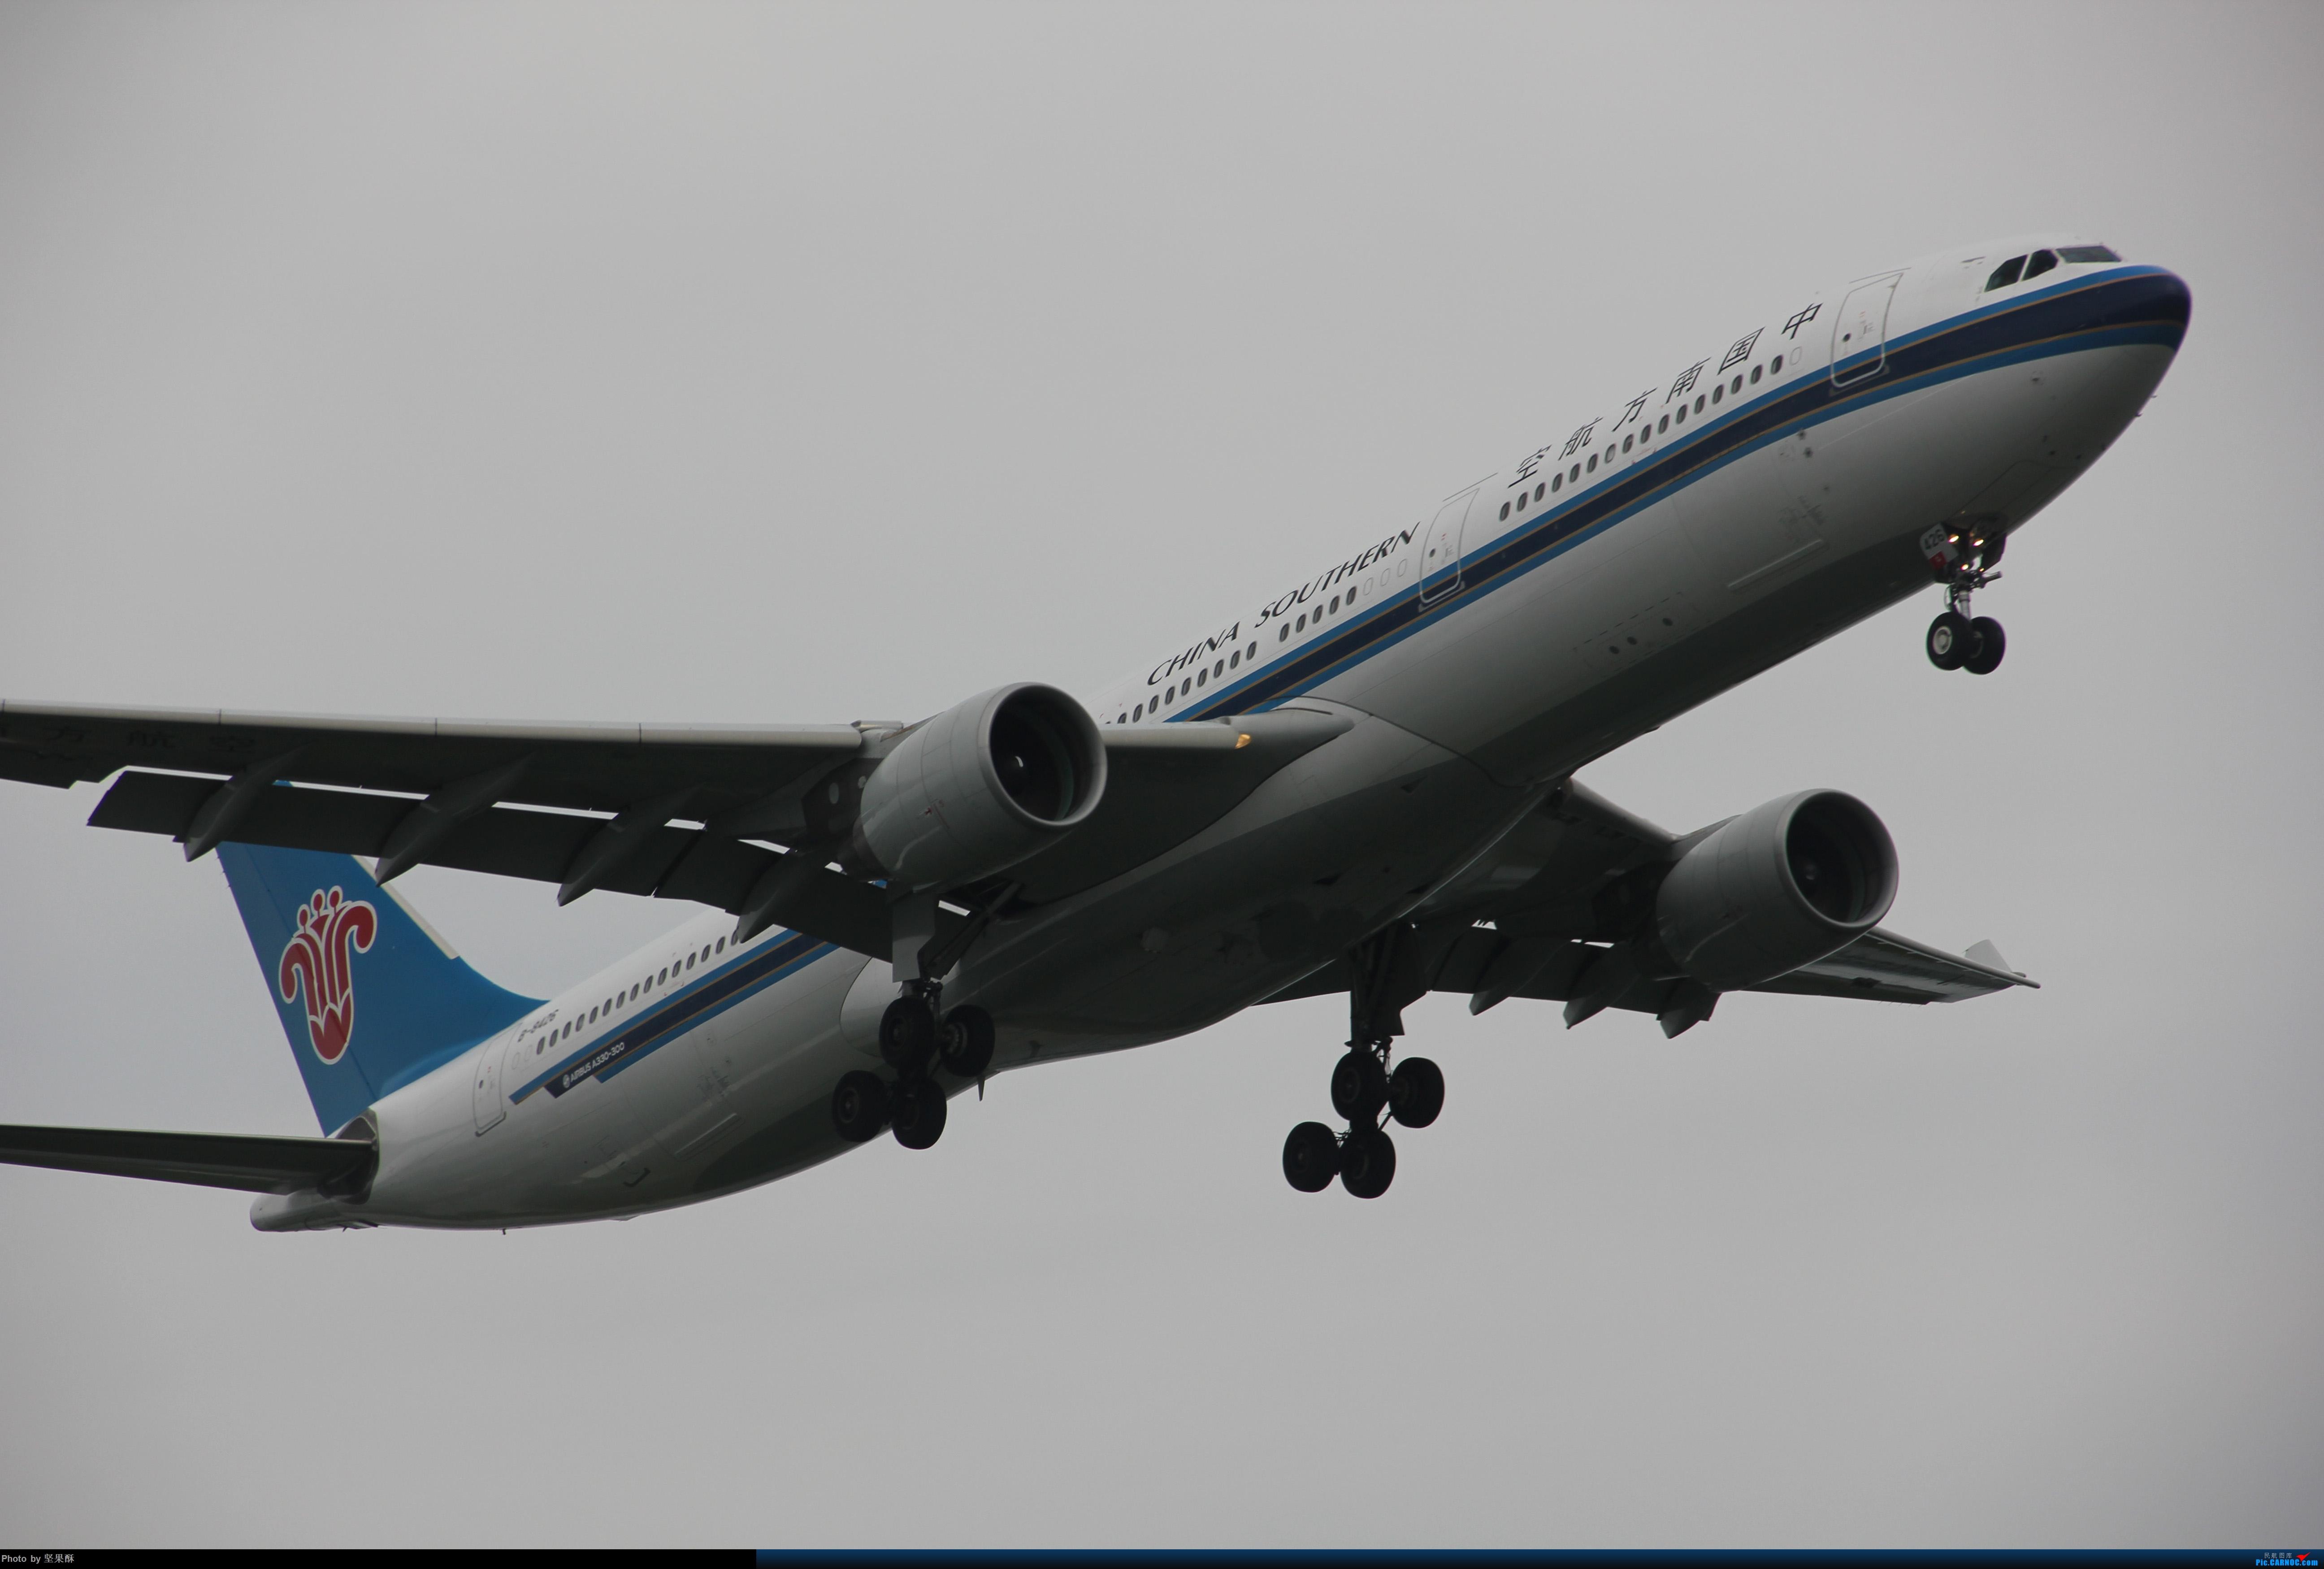 [原创]南航330落地南京 AIRBUS A330-300 B-8426 南京市禄口国际机场